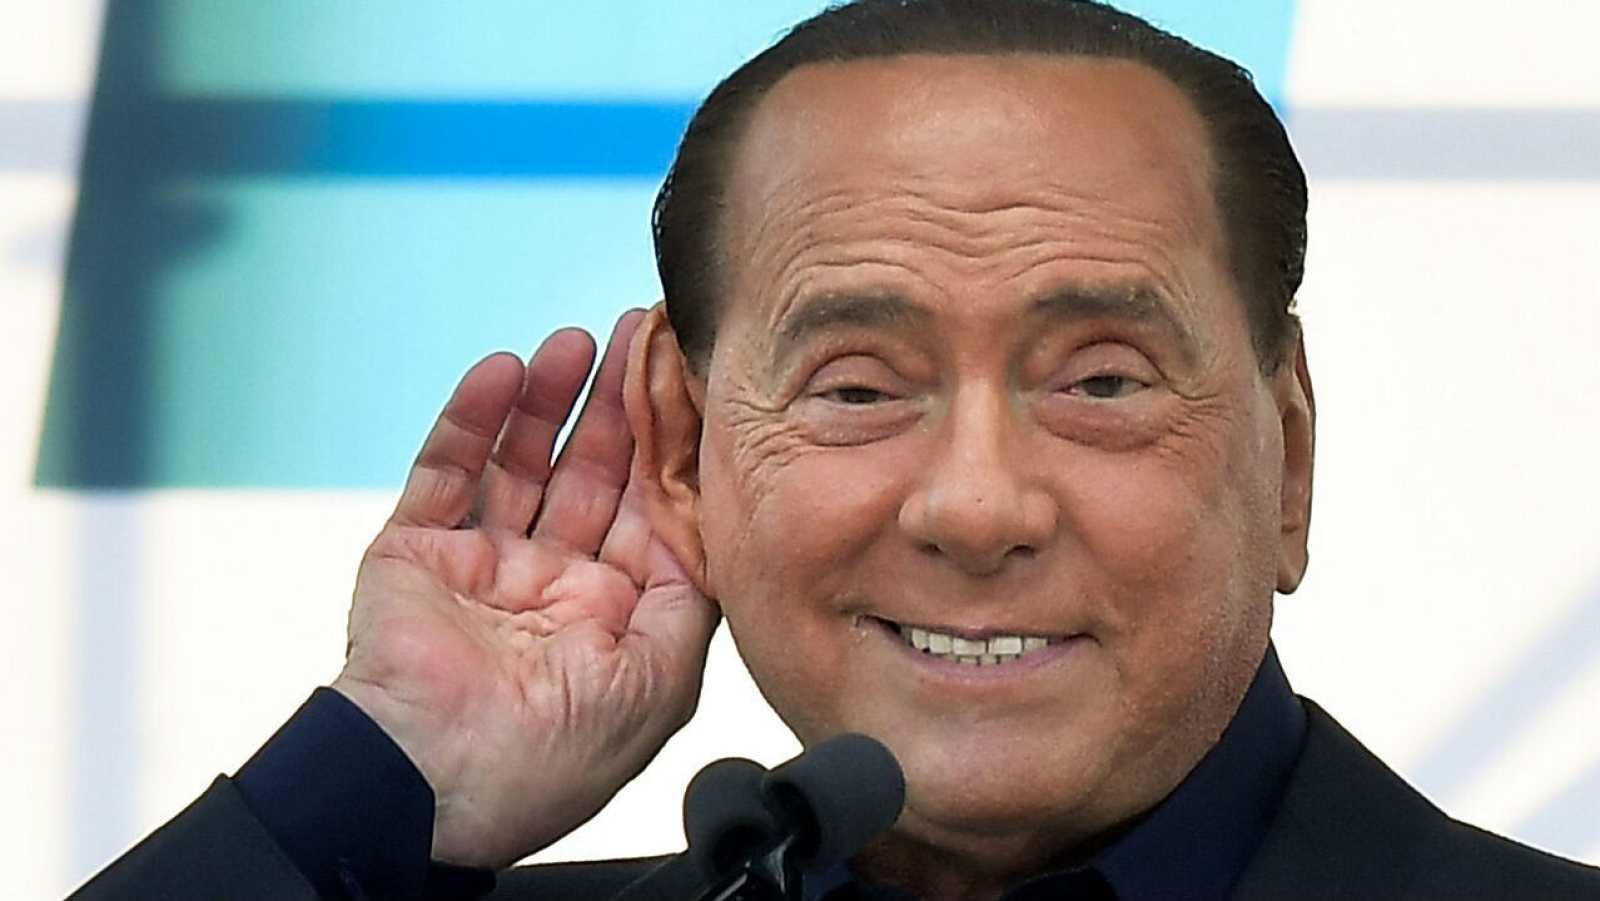 El líder del partido liberal-conservador italiano Forza Italia, Silvio Berlusconi, en una imagen de archivo.